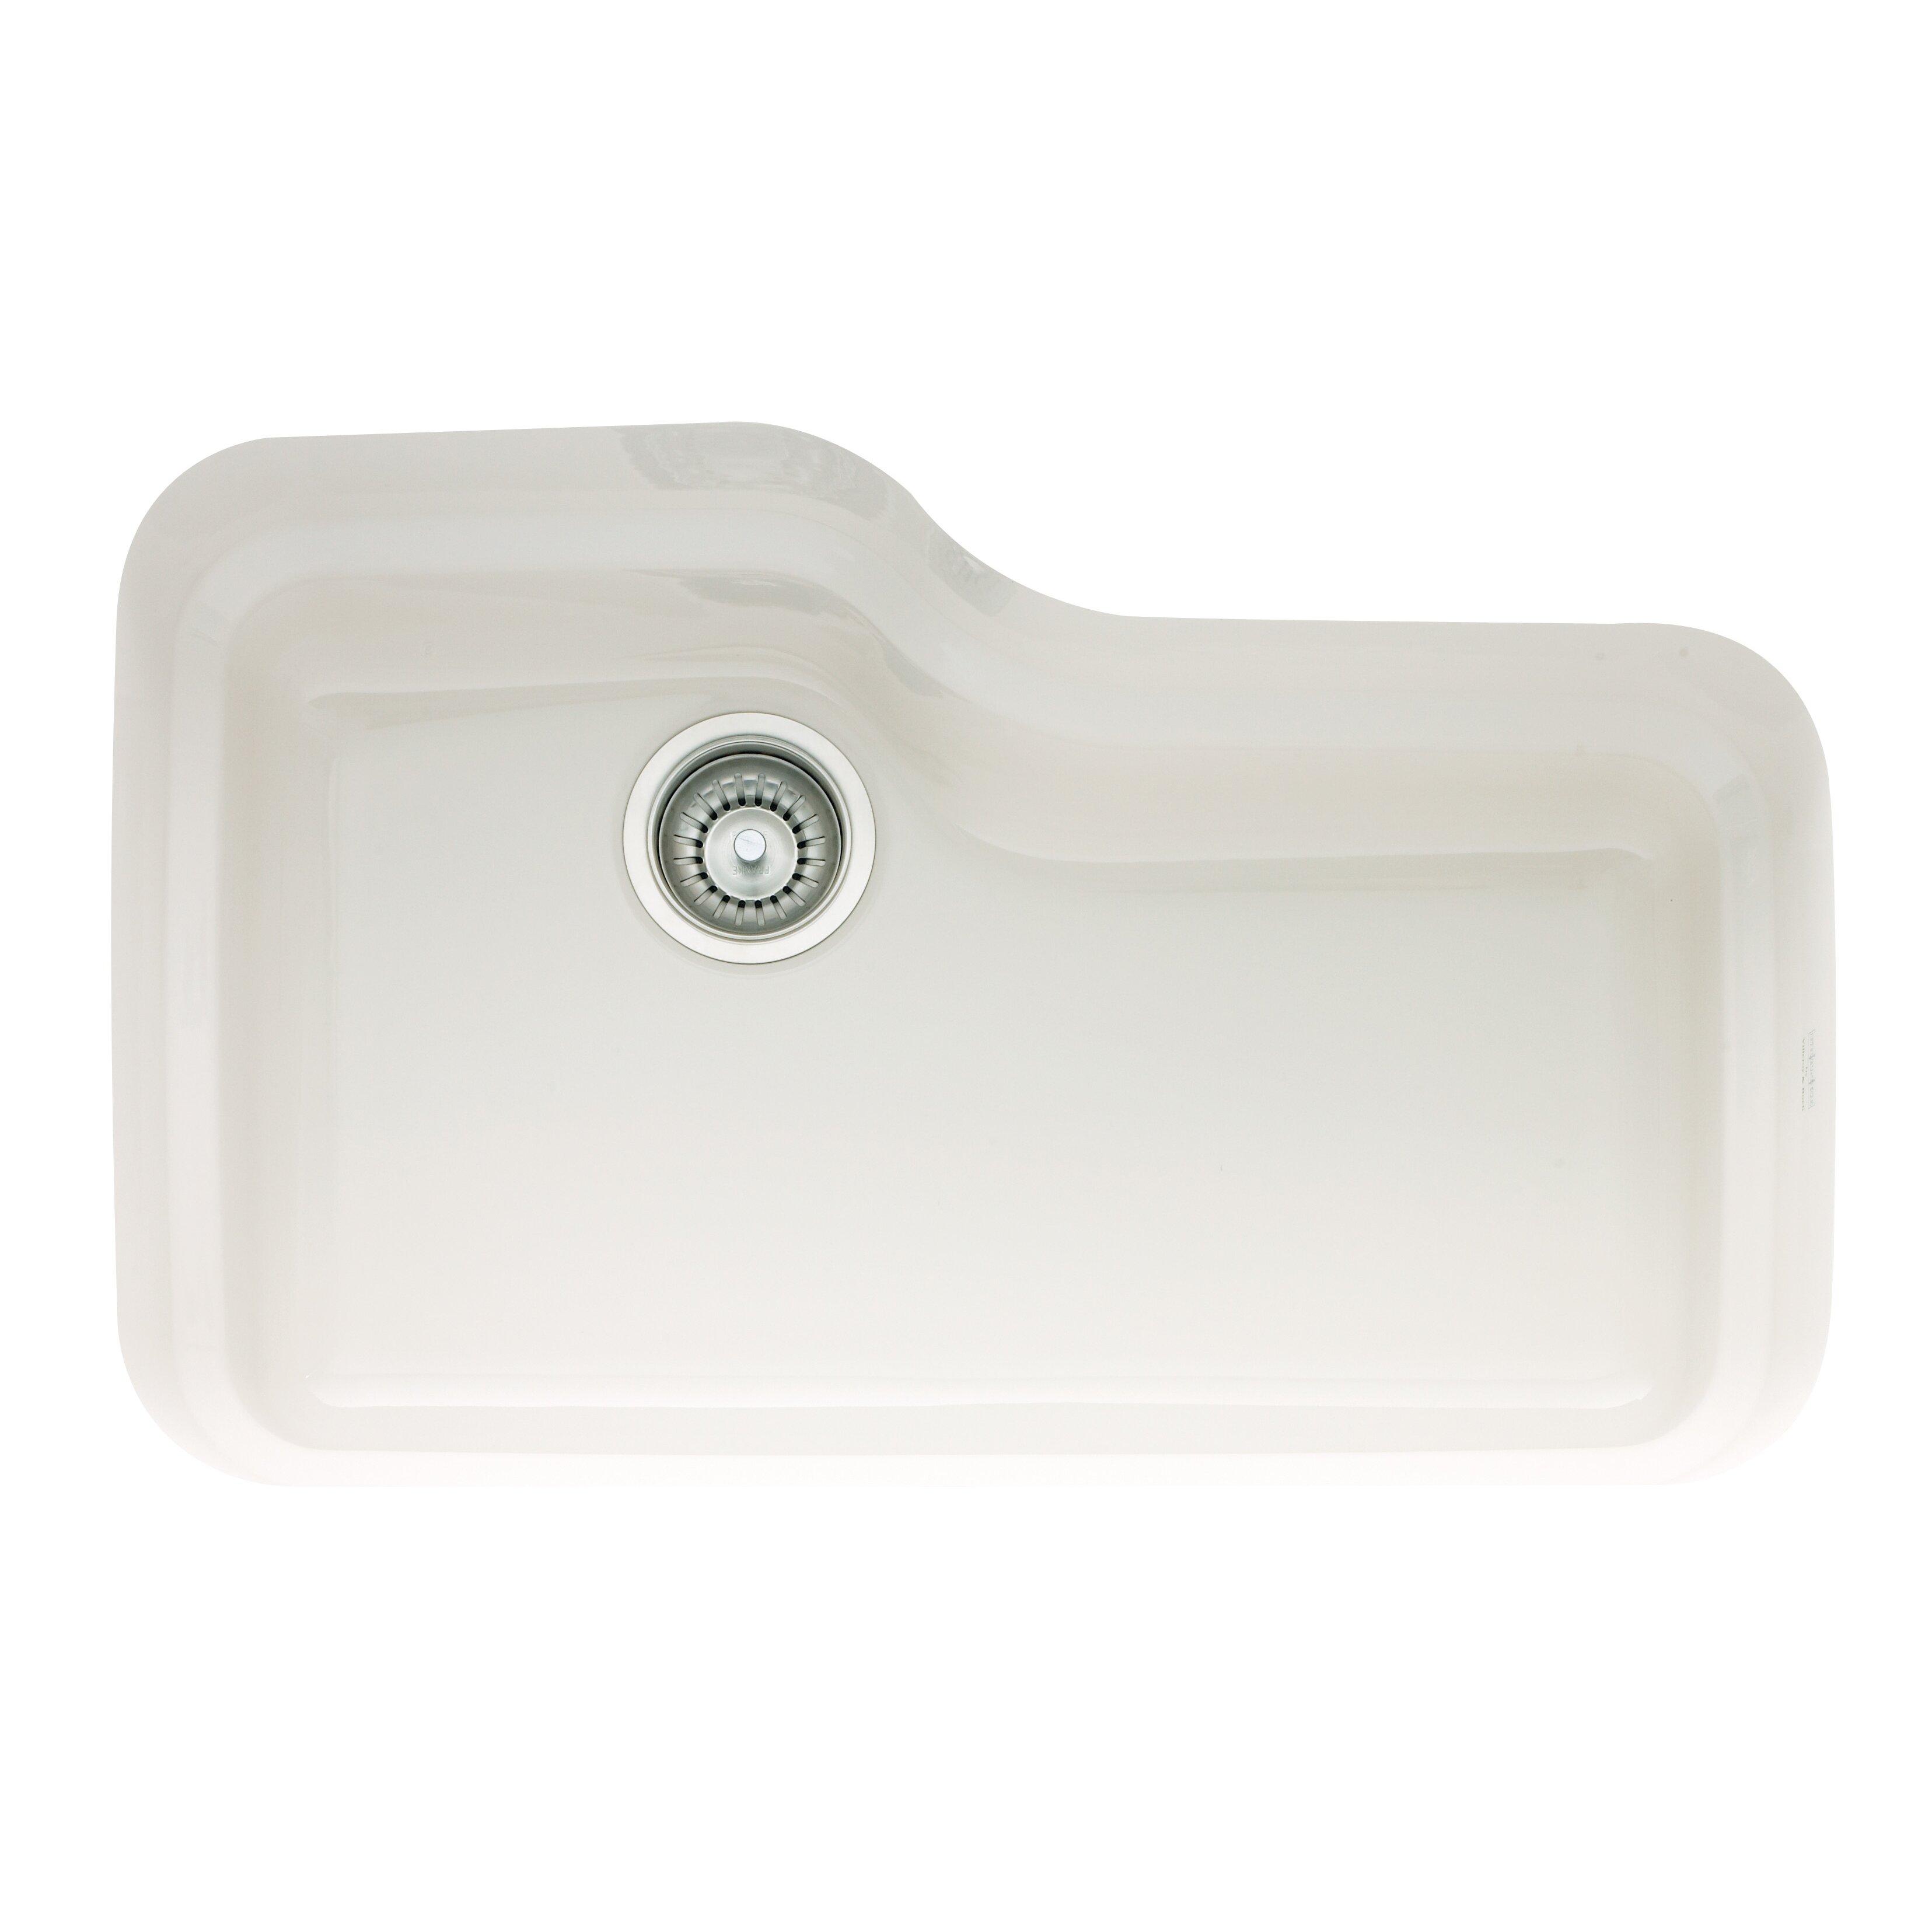 Franke Sink Cover : Orca 30